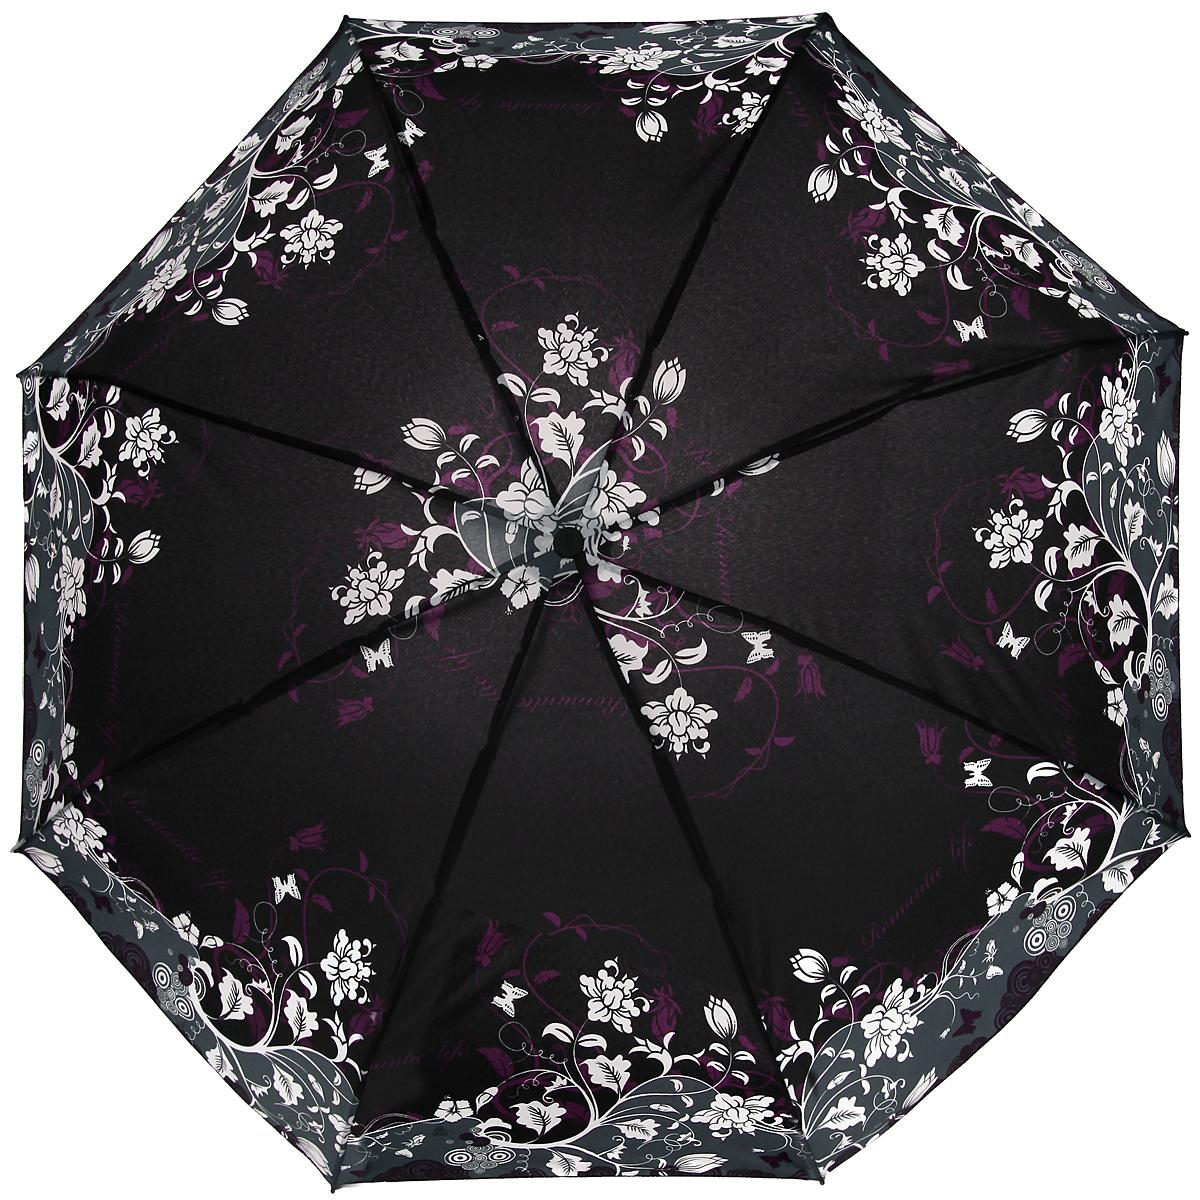 Зонт женский Zest, автомат, 4 сложения, цвет: черный, серый, белый, фиолетовый. 24759-802524759-8025Элегантный автоматический зонт Zest в 4 сложения изготовлен из высокопрочных материалов. Каркас зонта состоит из 8 спиц и прочного алюминиевого стержня. Специальная система Windproof защищает его от поломок во время сильных порывов ветра. Купол зонта выполнен из прочного полиэстера с водоотталкивающей пропиткой и оформлен стильным цветочным узором. Используемые высококачественные красители обеспечивают длительное сохранение свойств ткани купола. Рукоятка, разработанная с учетом требований эргономики, выполнена из пластика. Зонт имеет полный автоматический механизм сложения: купол открывается и закрывается нажатием кнопки на рукоятке, стержень складывается вручную до характерного щелчка. Благодаря этому открыть и закрыть зонт можно одной рукой, что чрезвычайно удобно при входе в транспорт или помещение. Небольшой шнурок, расположенный на рукоятке, позволяет надеть изделие на руку при необходимости. Модель закрывается при помощи хлястика на застежку-липучку. К зонту...